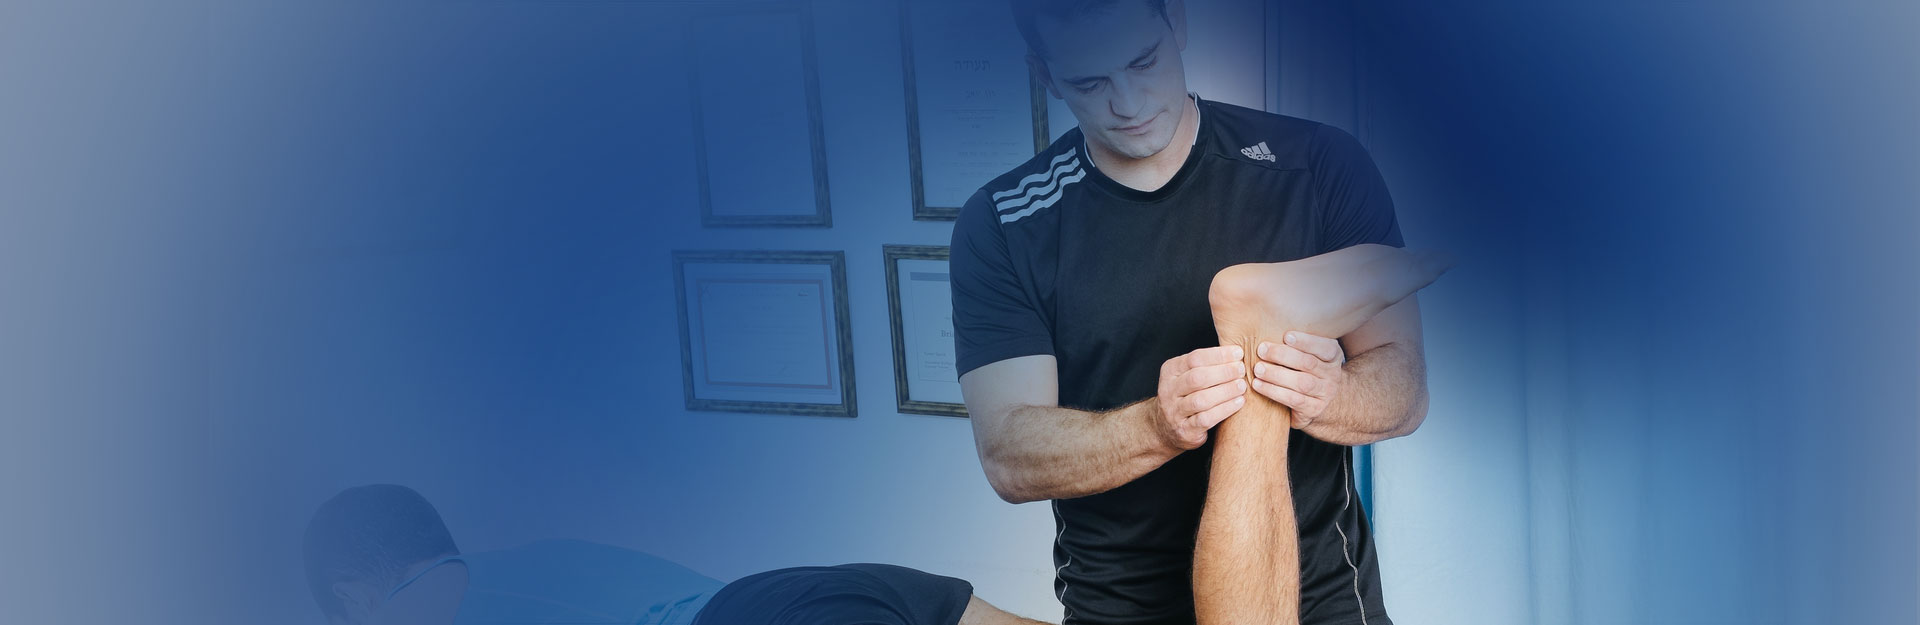 מניעת פציעות חוזרות - יואב רון פיזיותרפיה